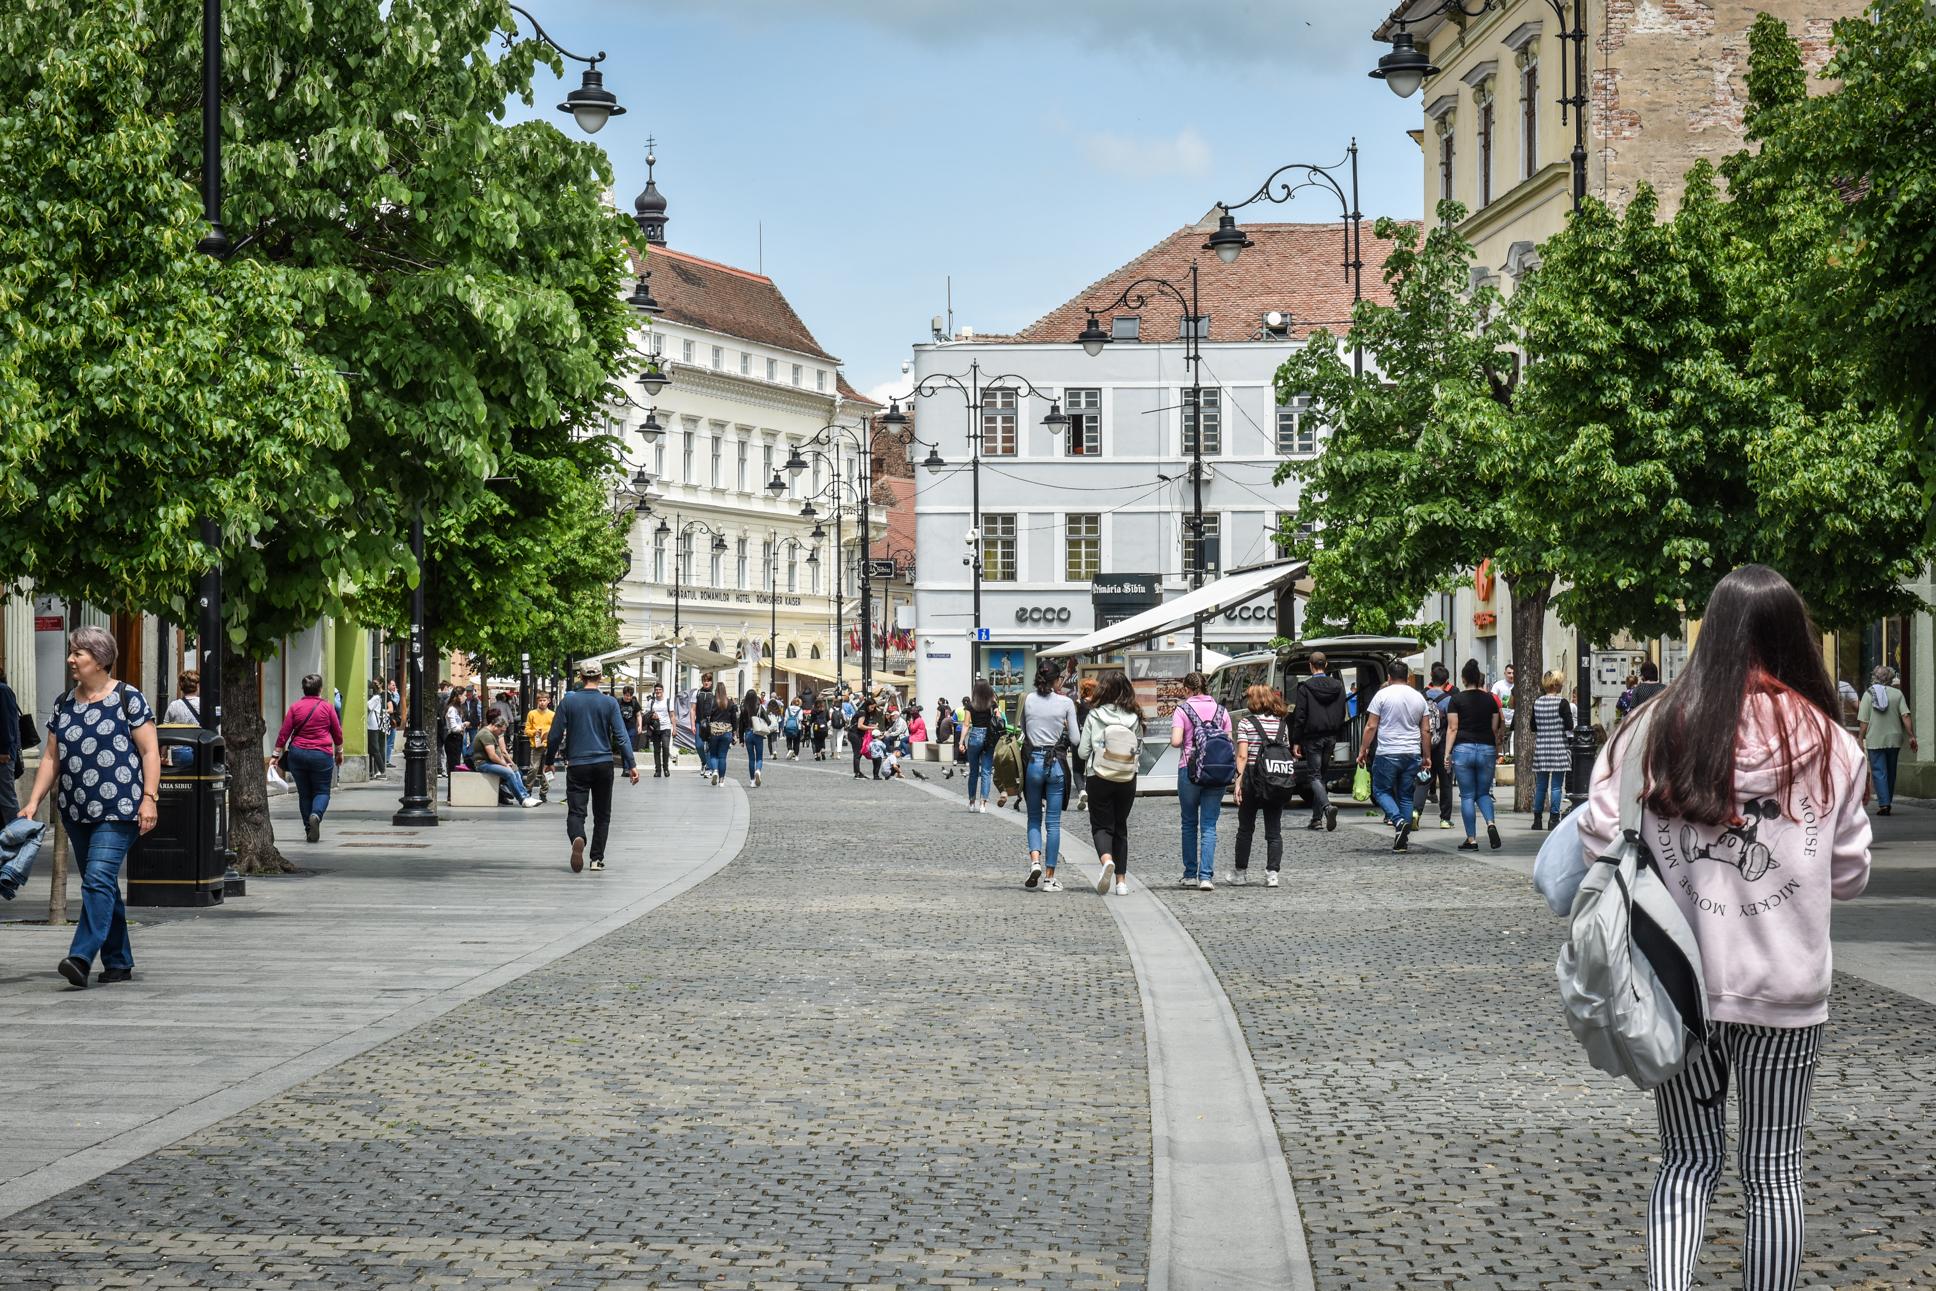 0,29 - incidența în orașul Sibiu, cu 50 de cazuri active